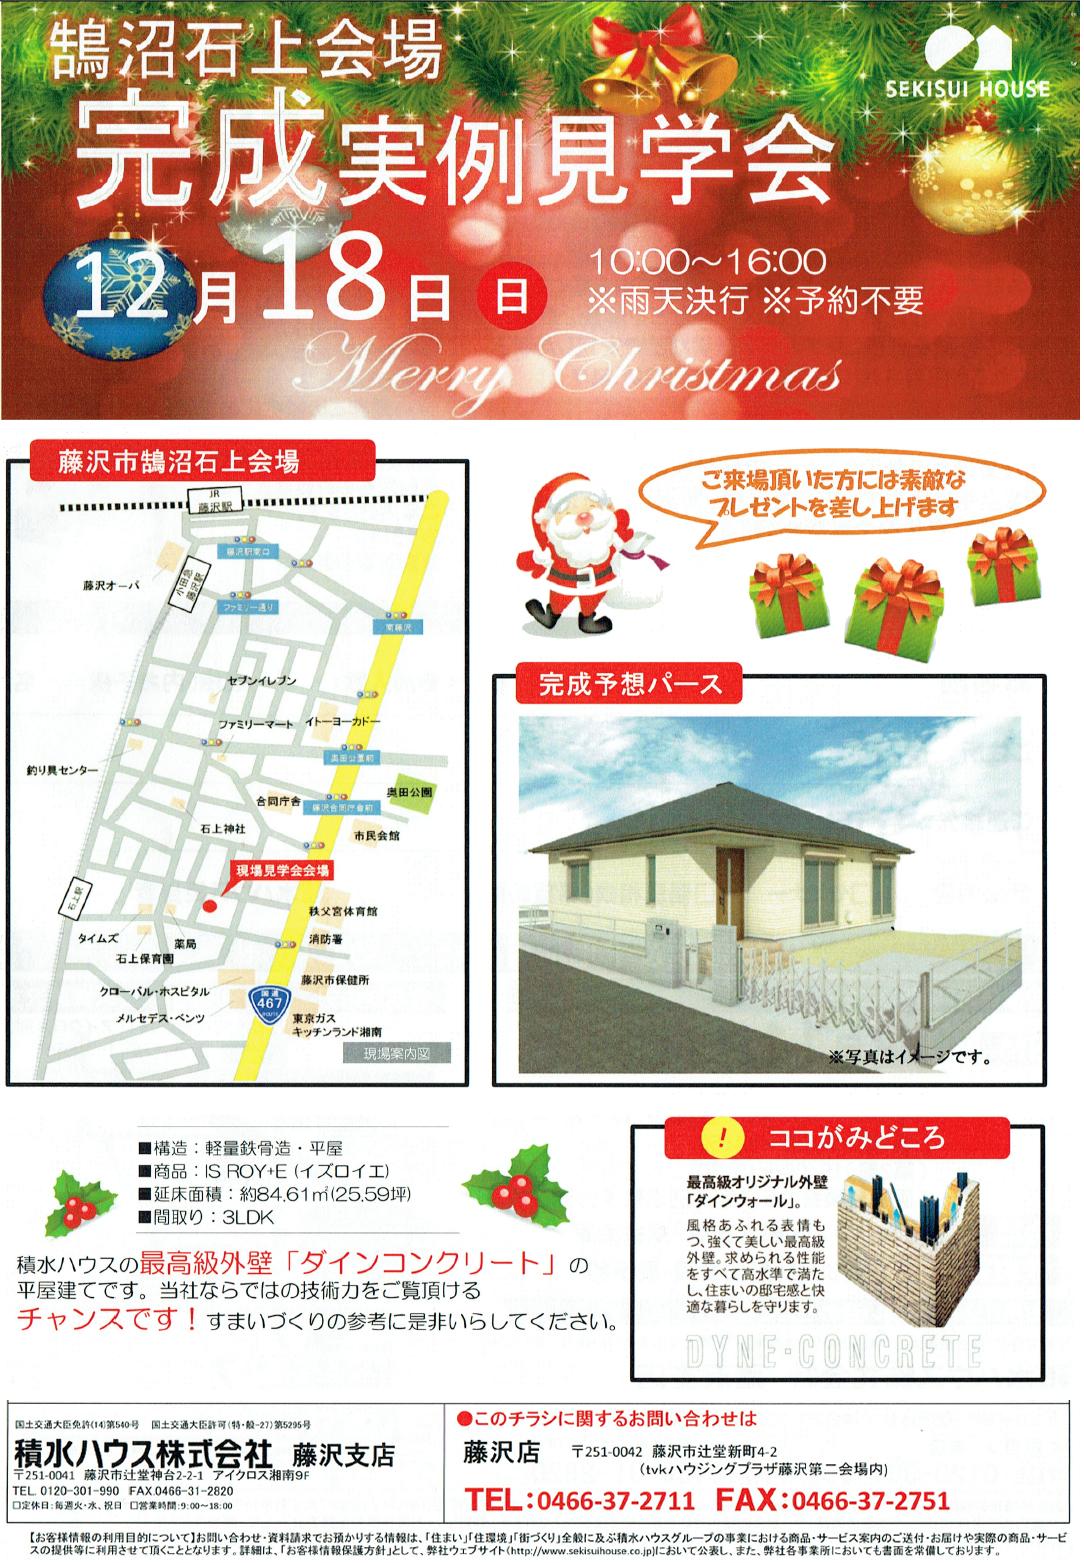 藤沢市鵠沼石上での住宅見学会